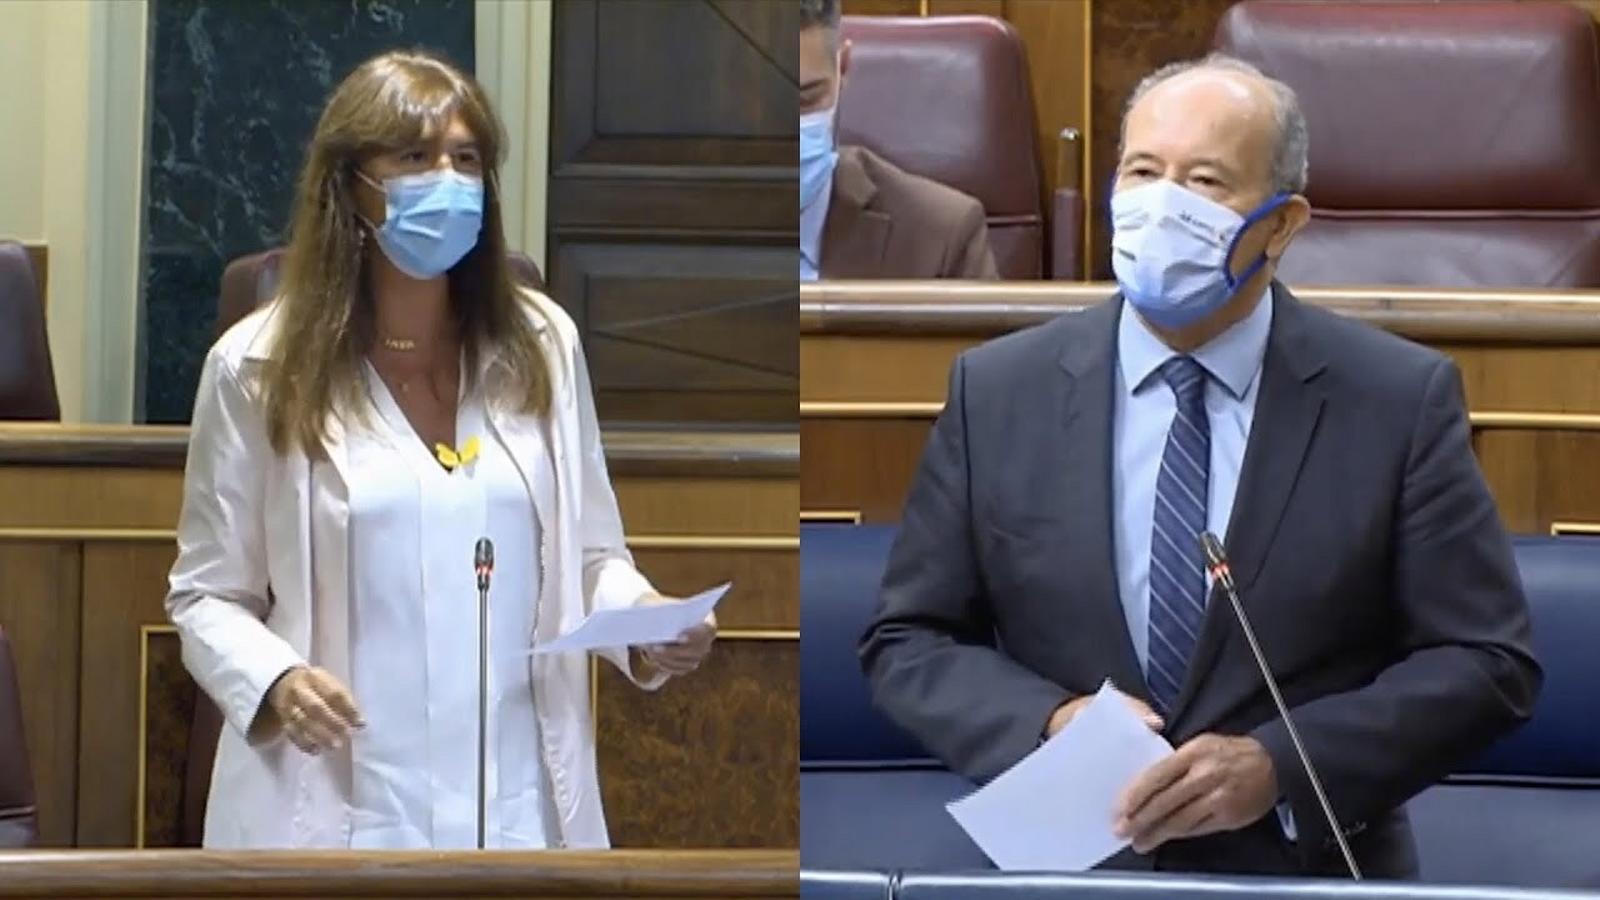 El ministre de Justícia, Juan Carlos Campo, diu que el govern espanyol començarà a tramitar l'indult als presos independentistes la setmana que ve